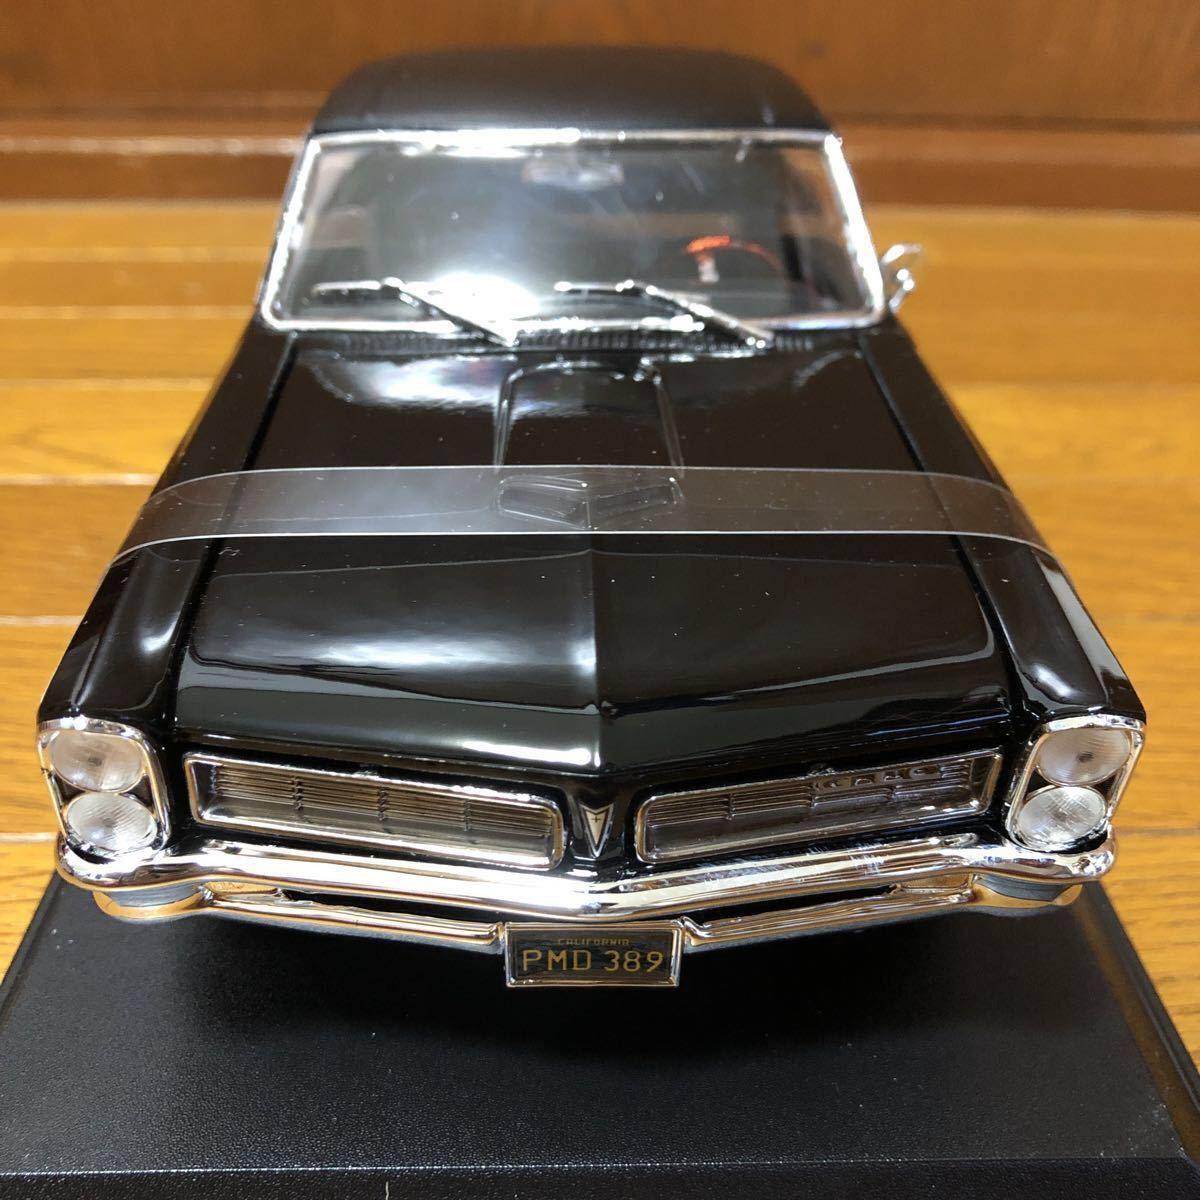 【1円~★新品★即決可】Maisto 1/18 1965 Pontiac GTO ferrari BMW lamborghini dodge Datsun NISSAN マイスト ミニカー beetle benz SL_画像2